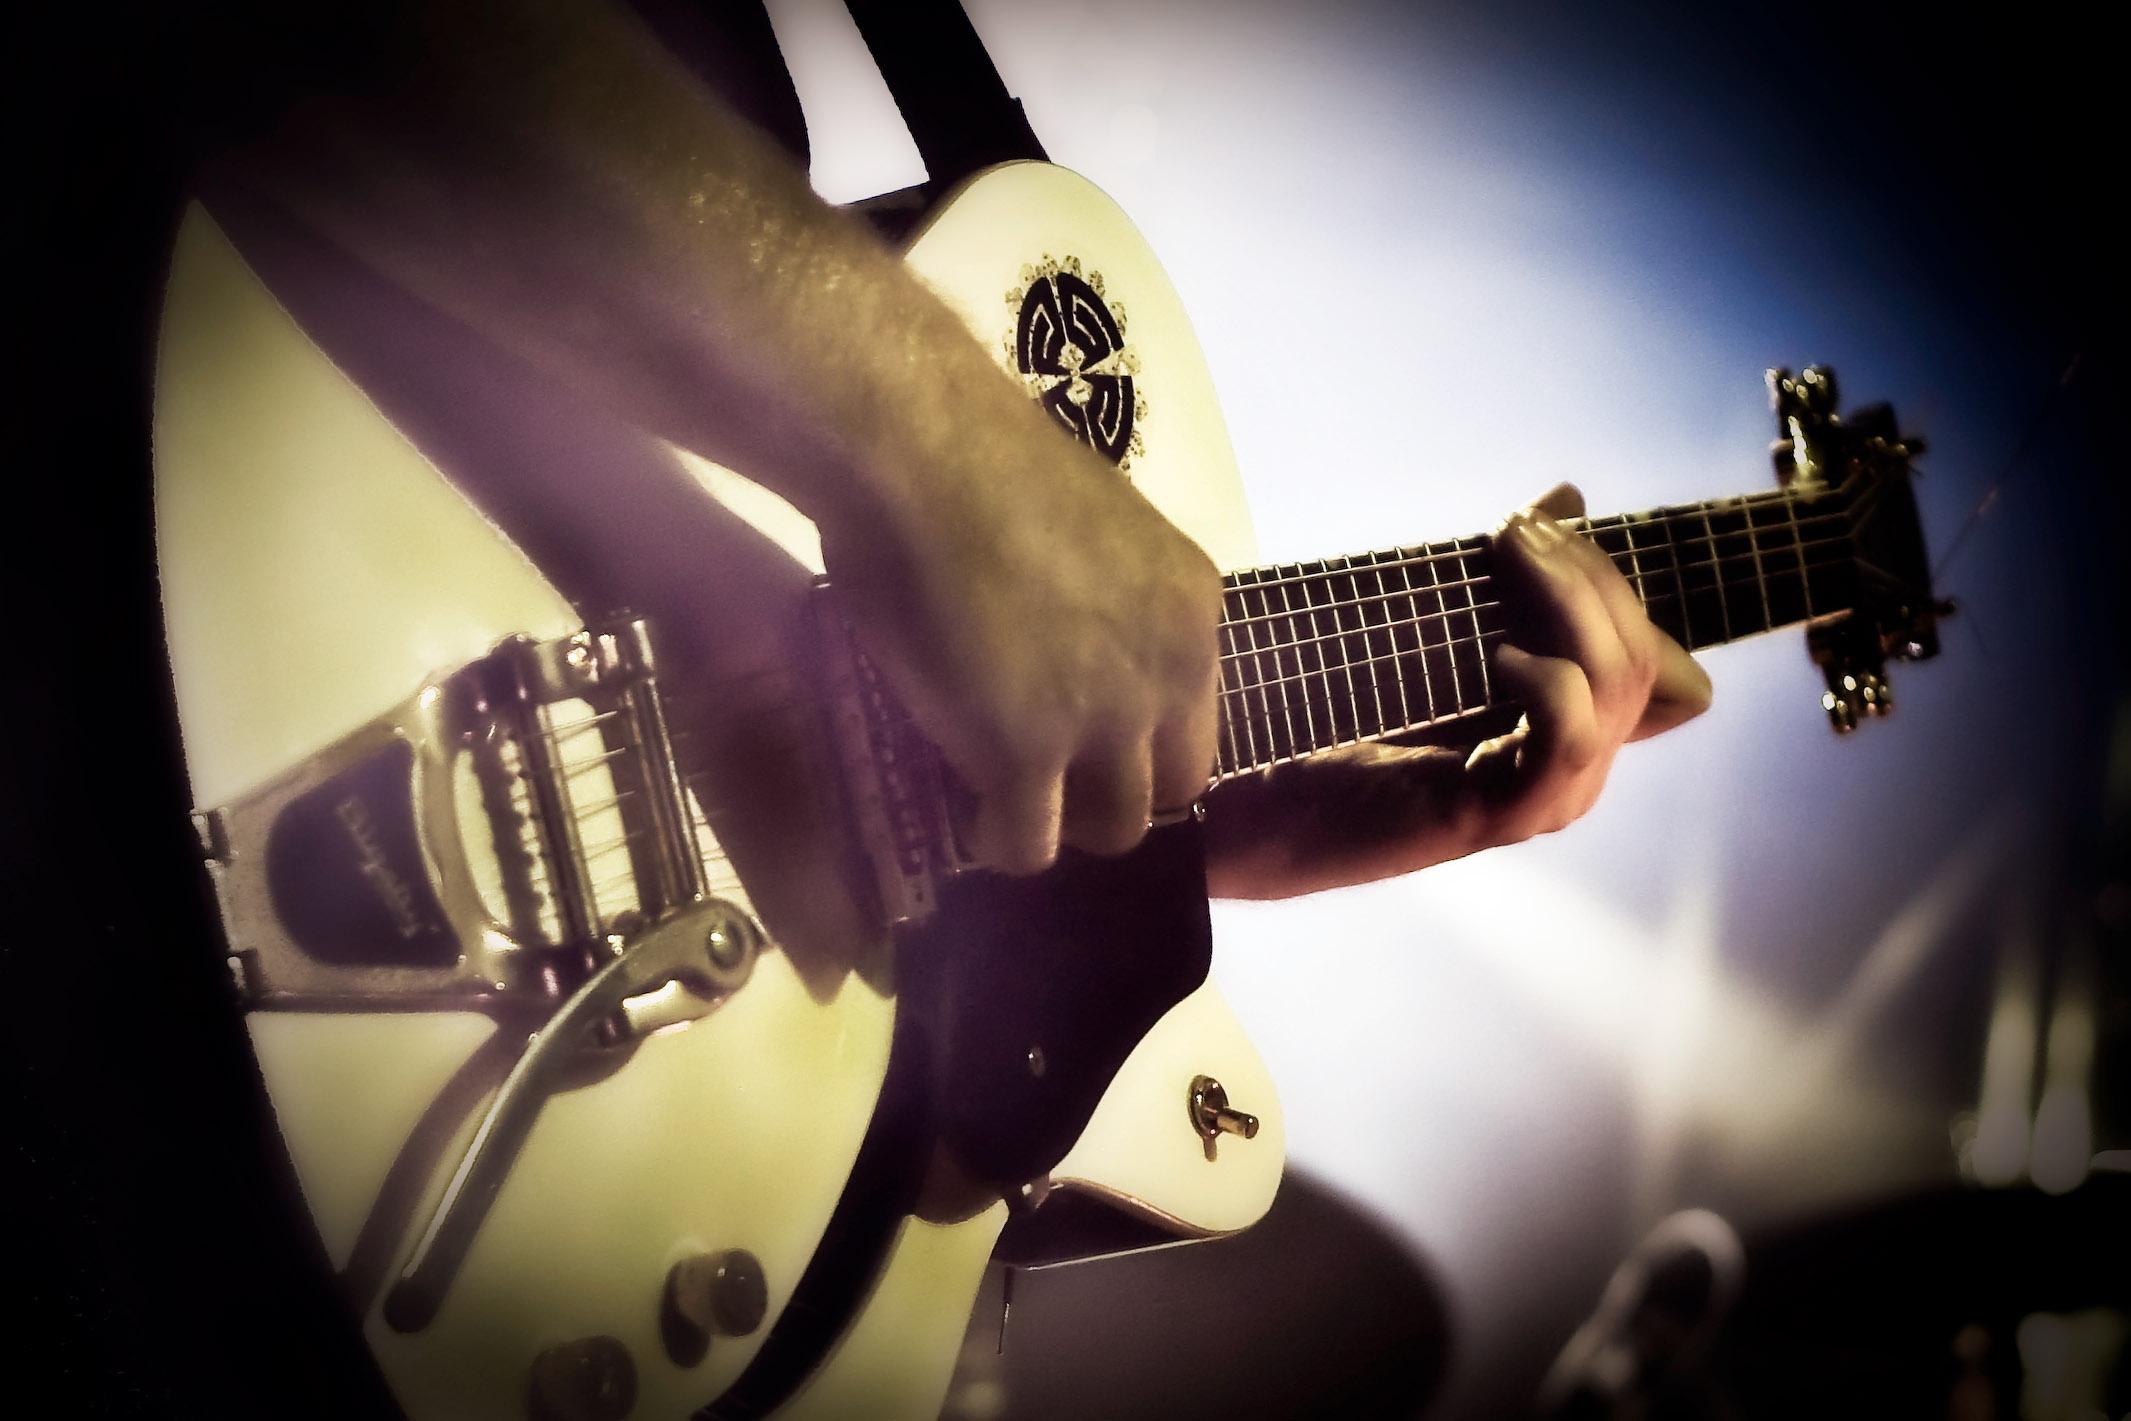 img_6981-guitar-copy-edit